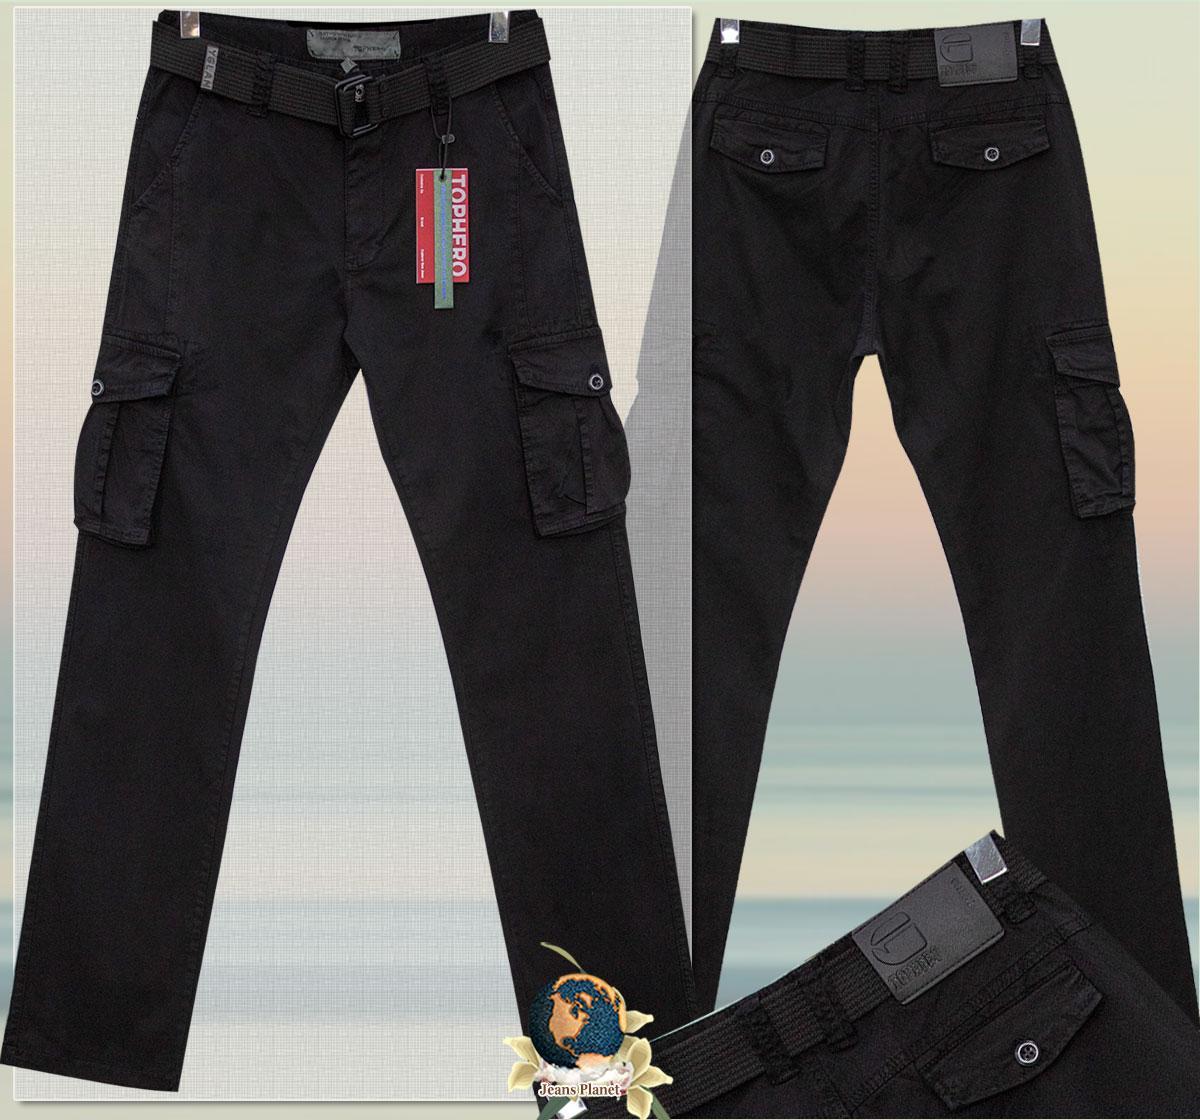 Чоловічі літні джинси карго з кишенями, чорного кольору ITENO